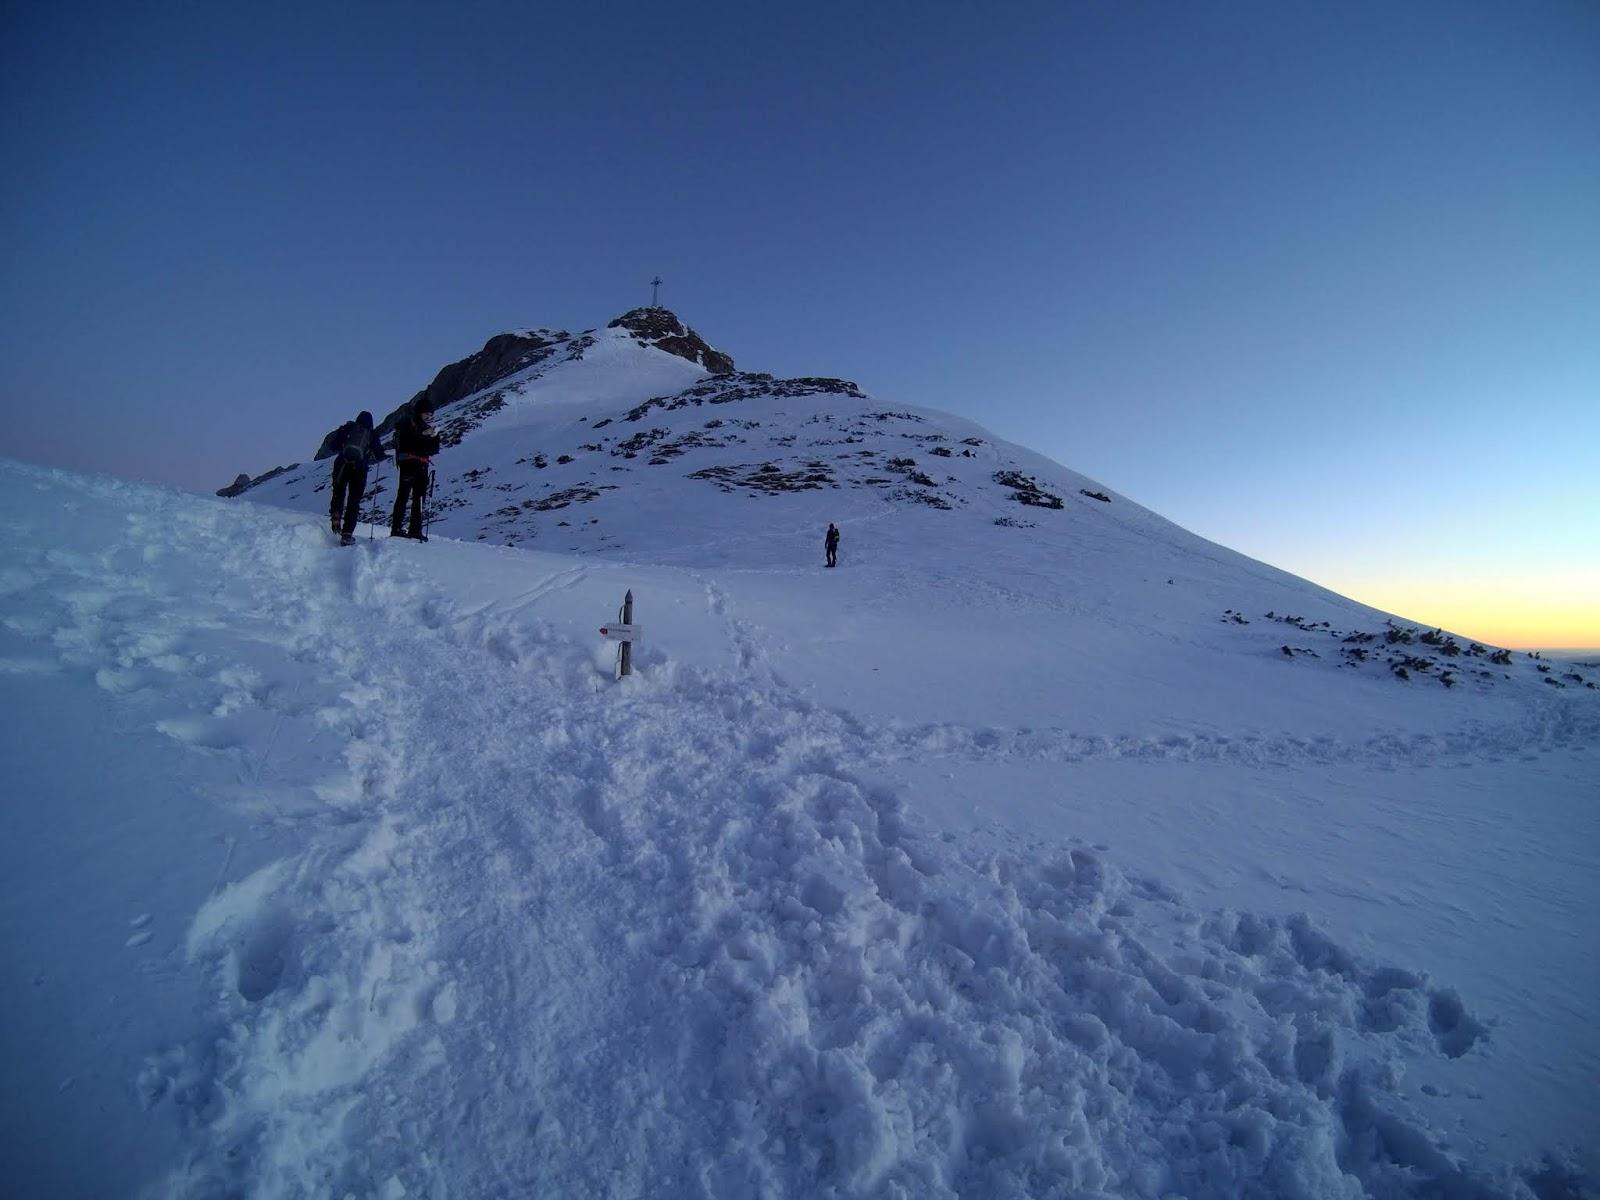 zimowe wejście na Giewont